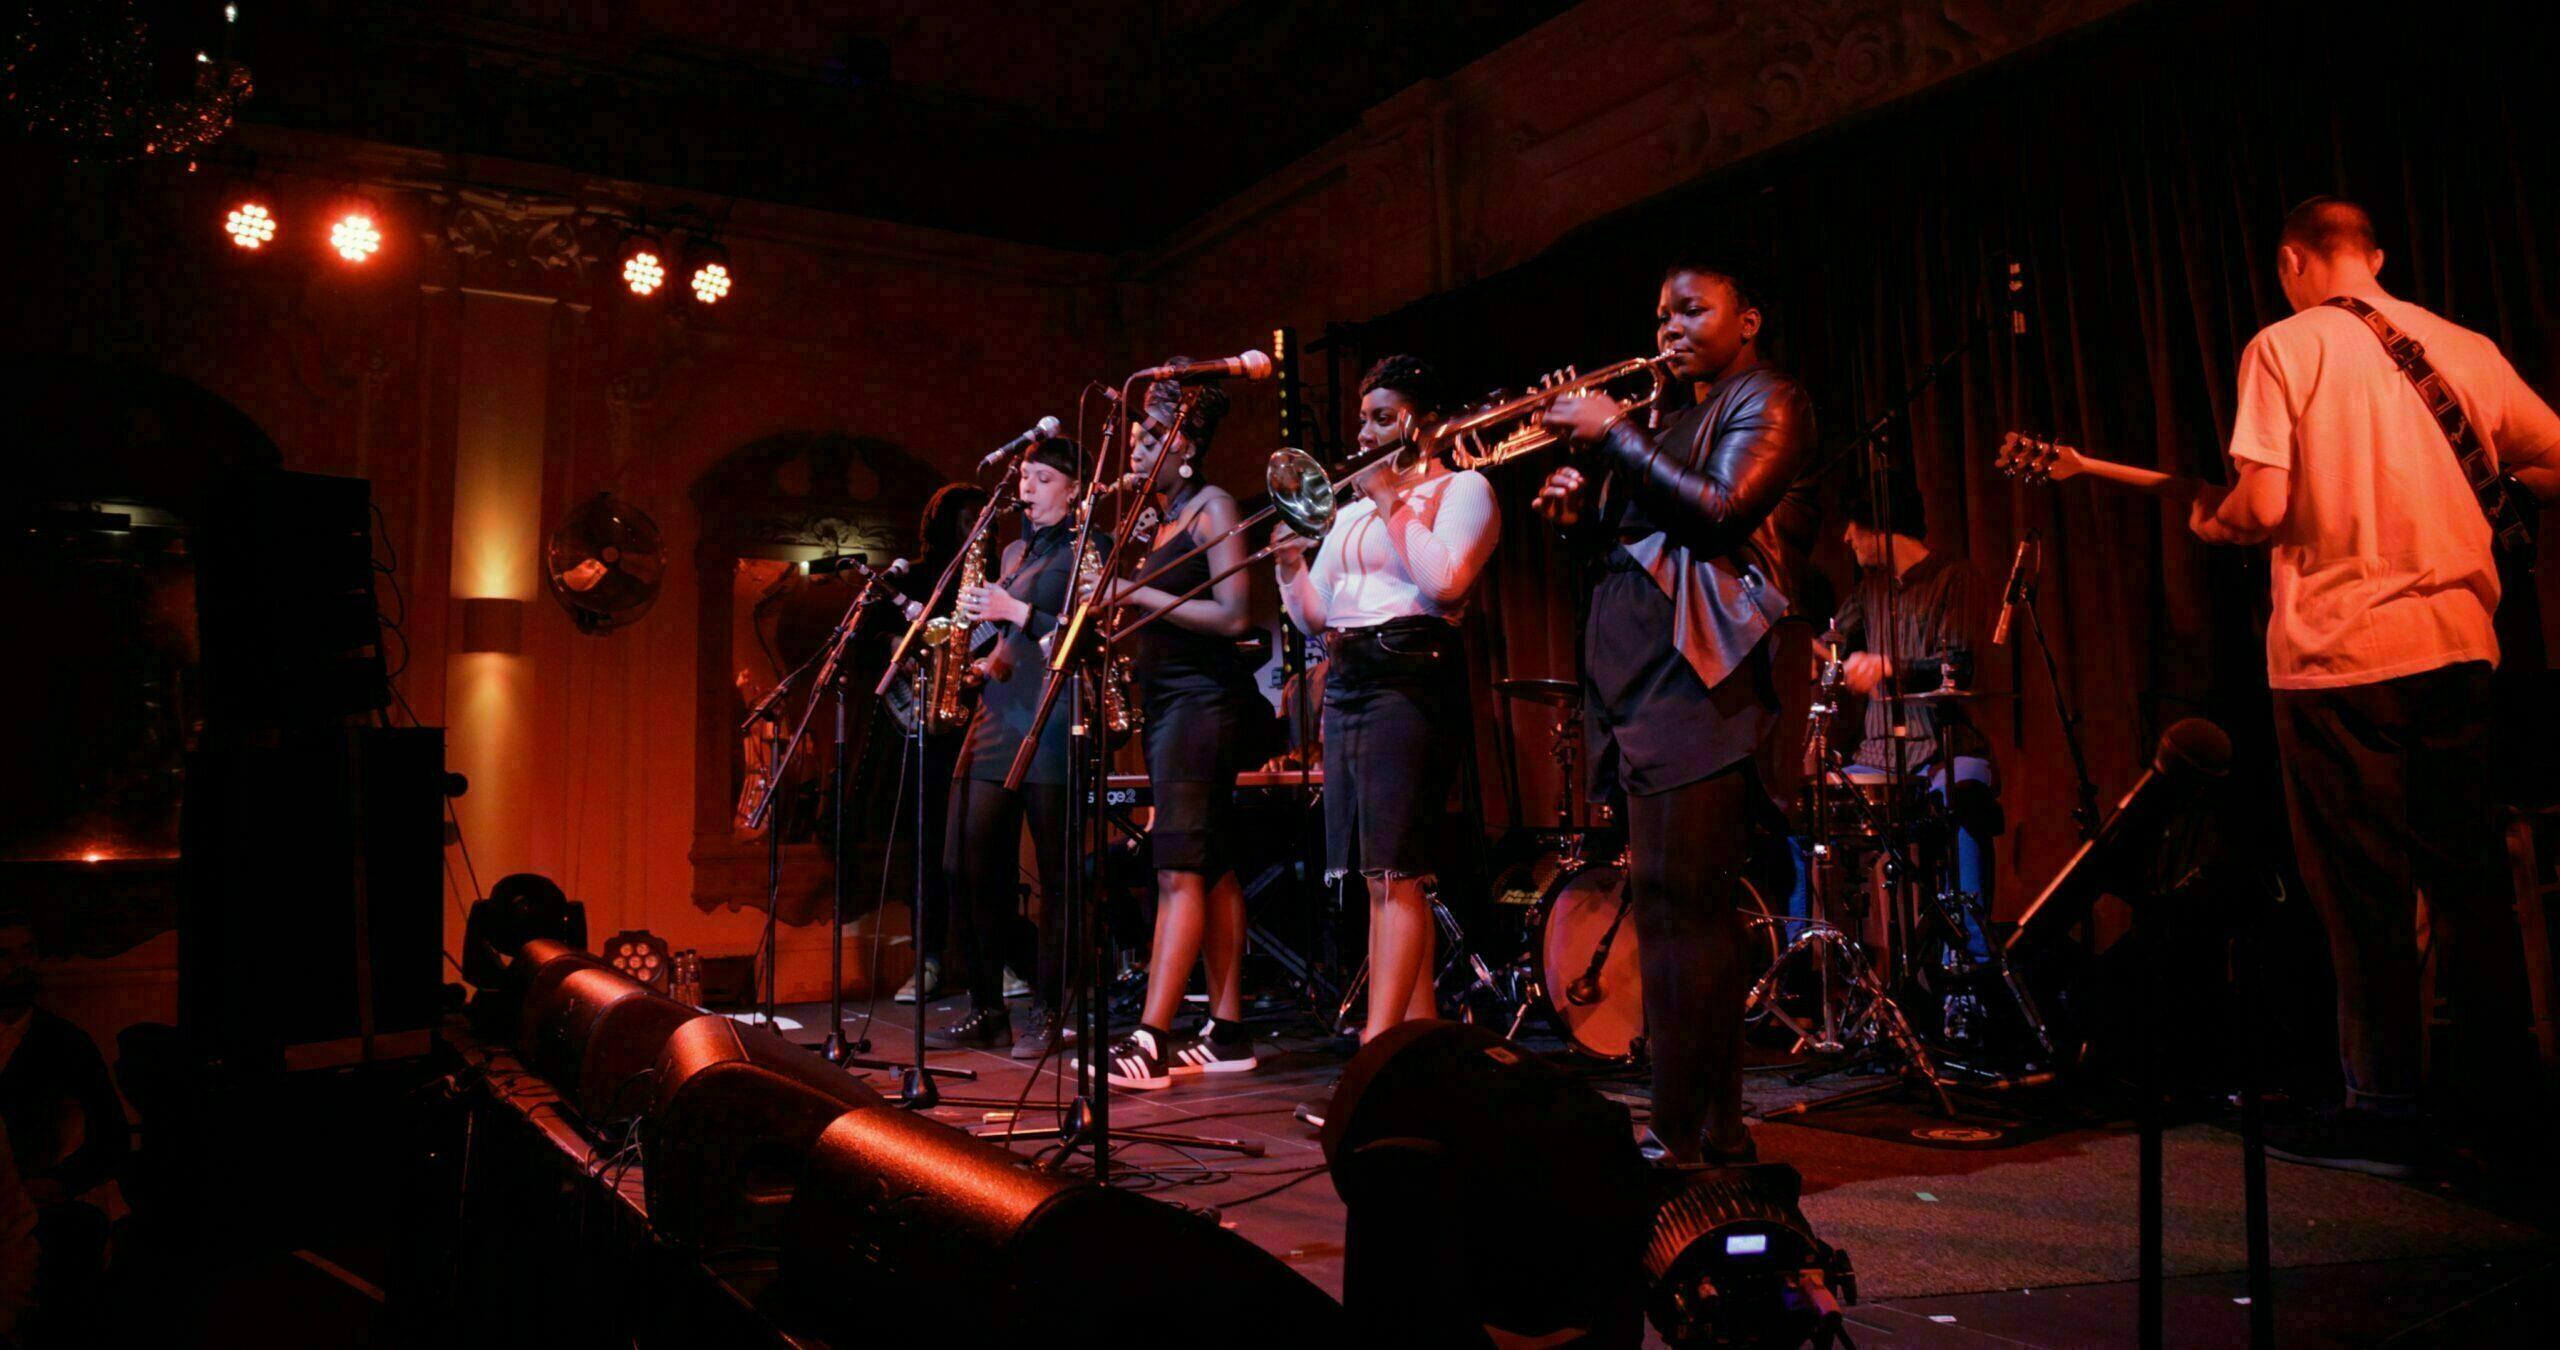 Band called Kokoroko playing a gig